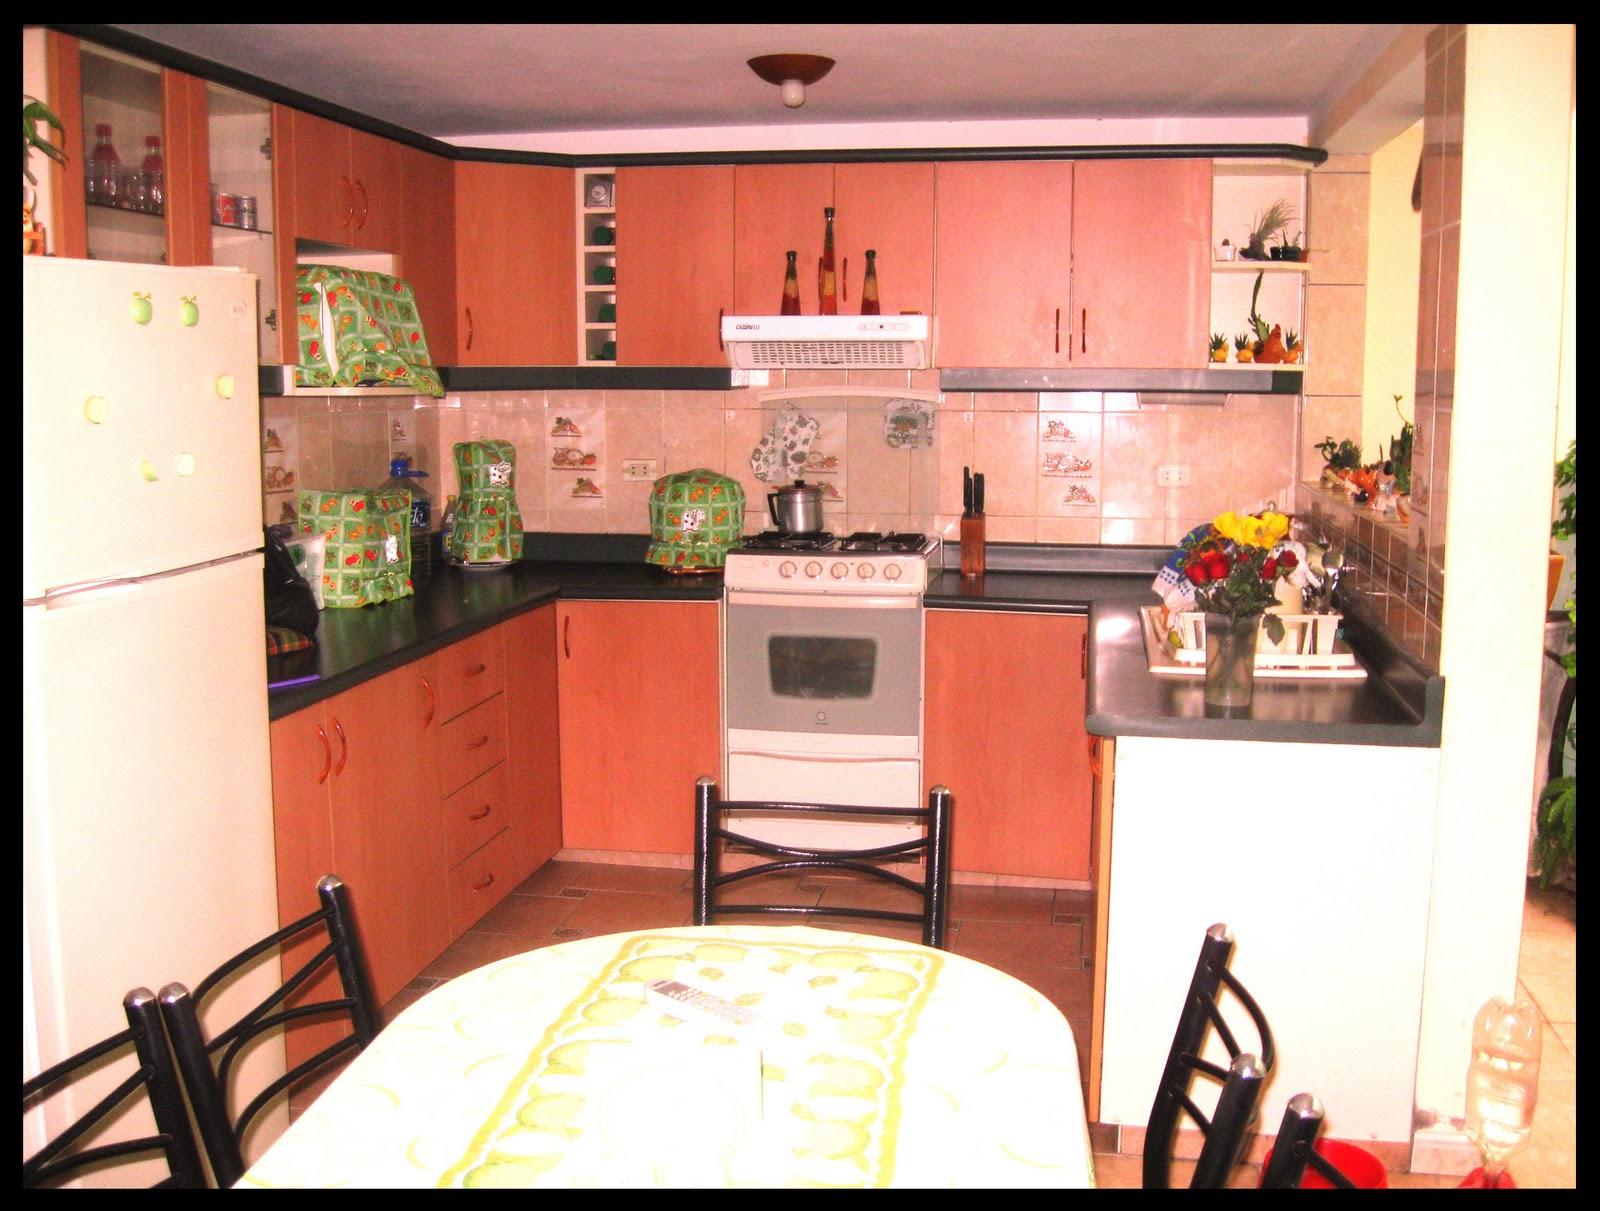 Muebles jose luis chingay mueble de cocina modelo l Muebles de cocina xey modelo alpina